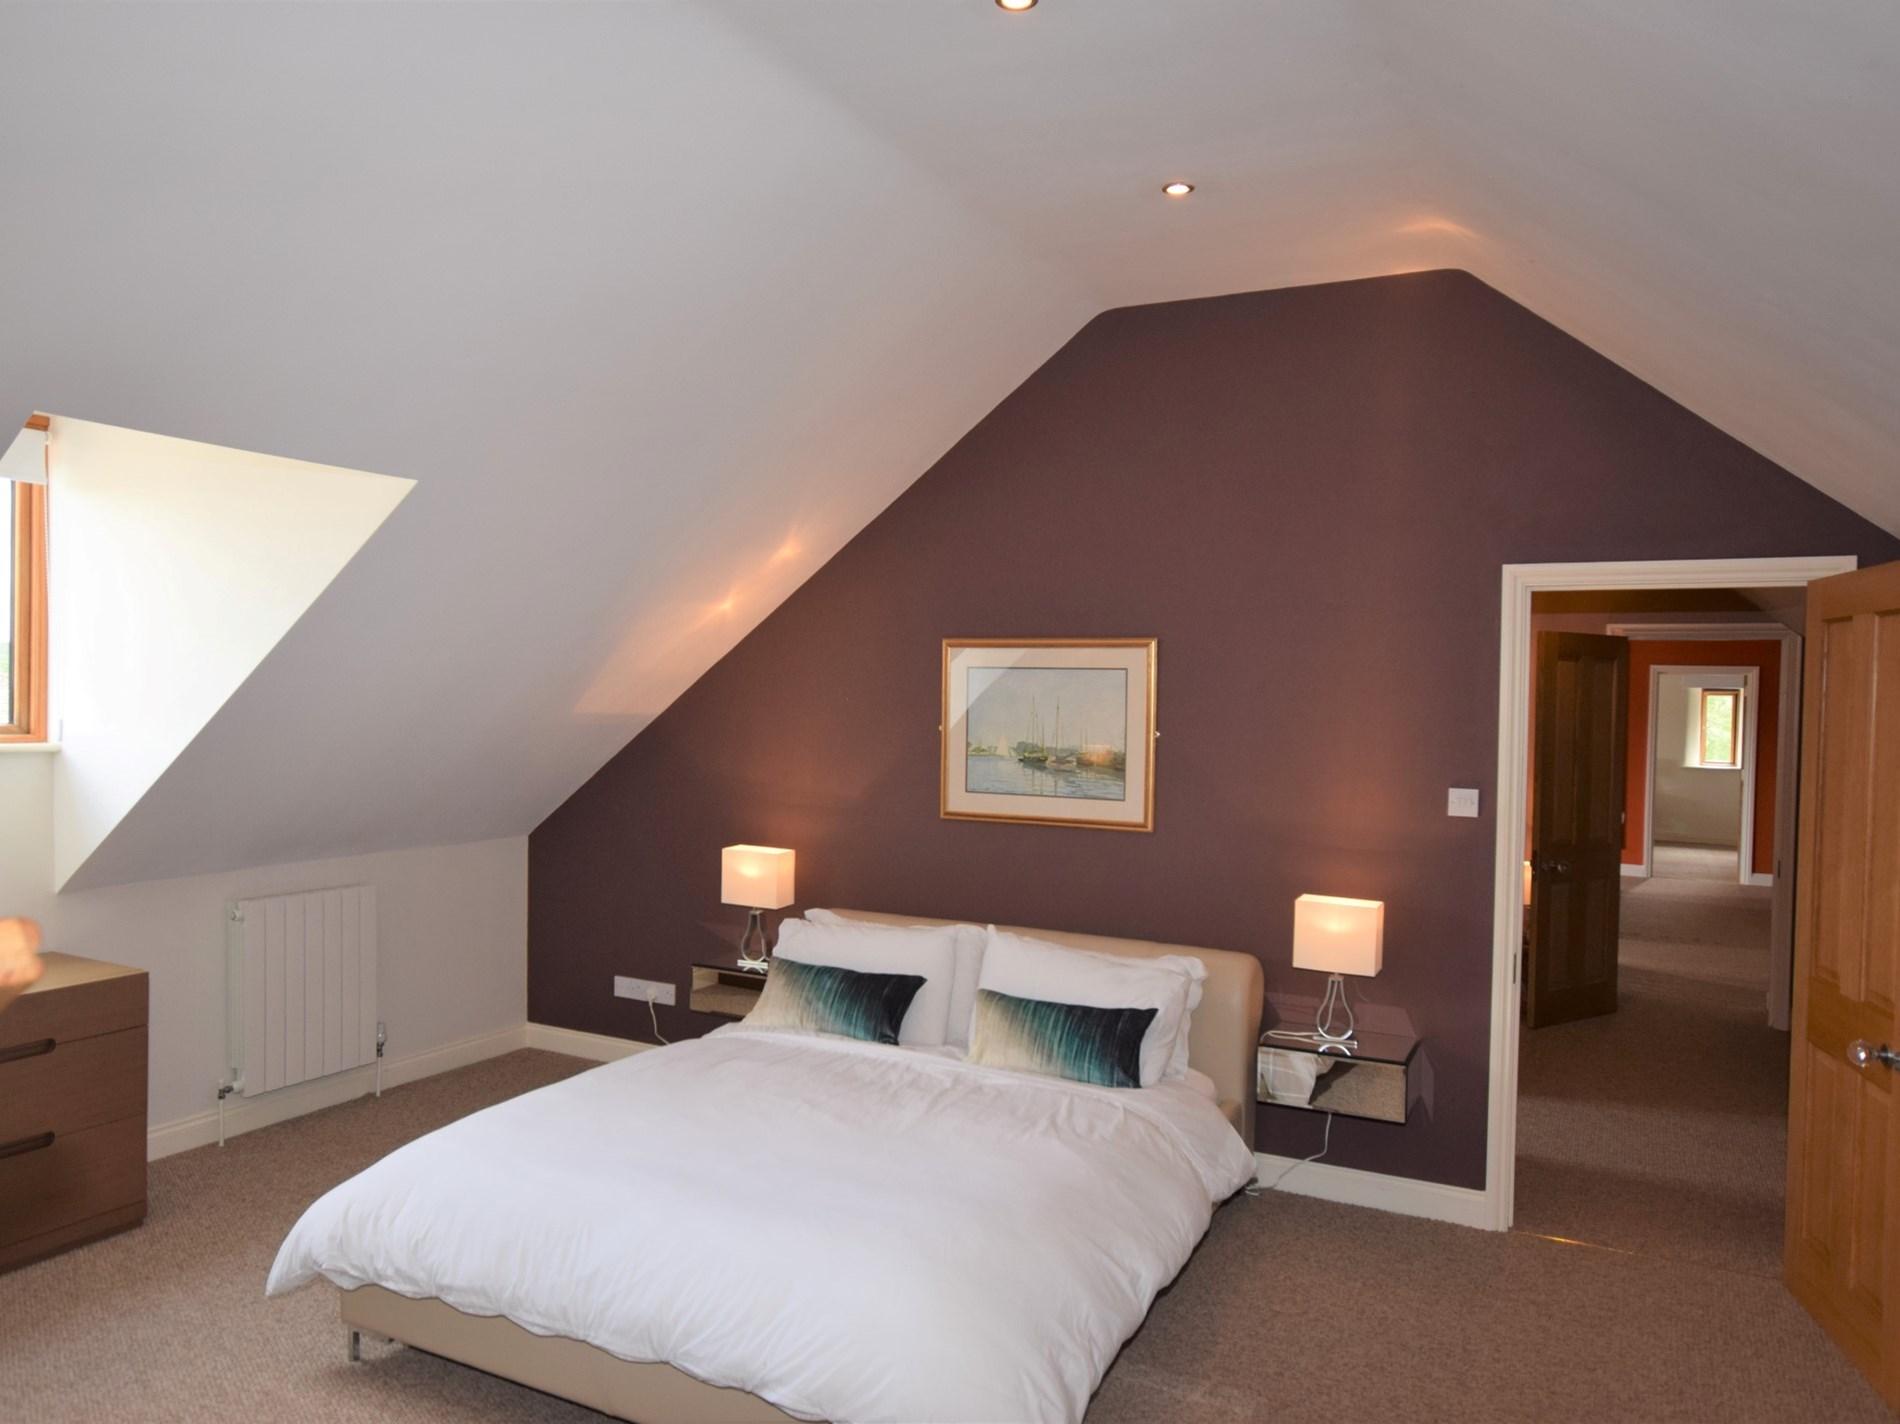 King-size bedroom with small snug next door